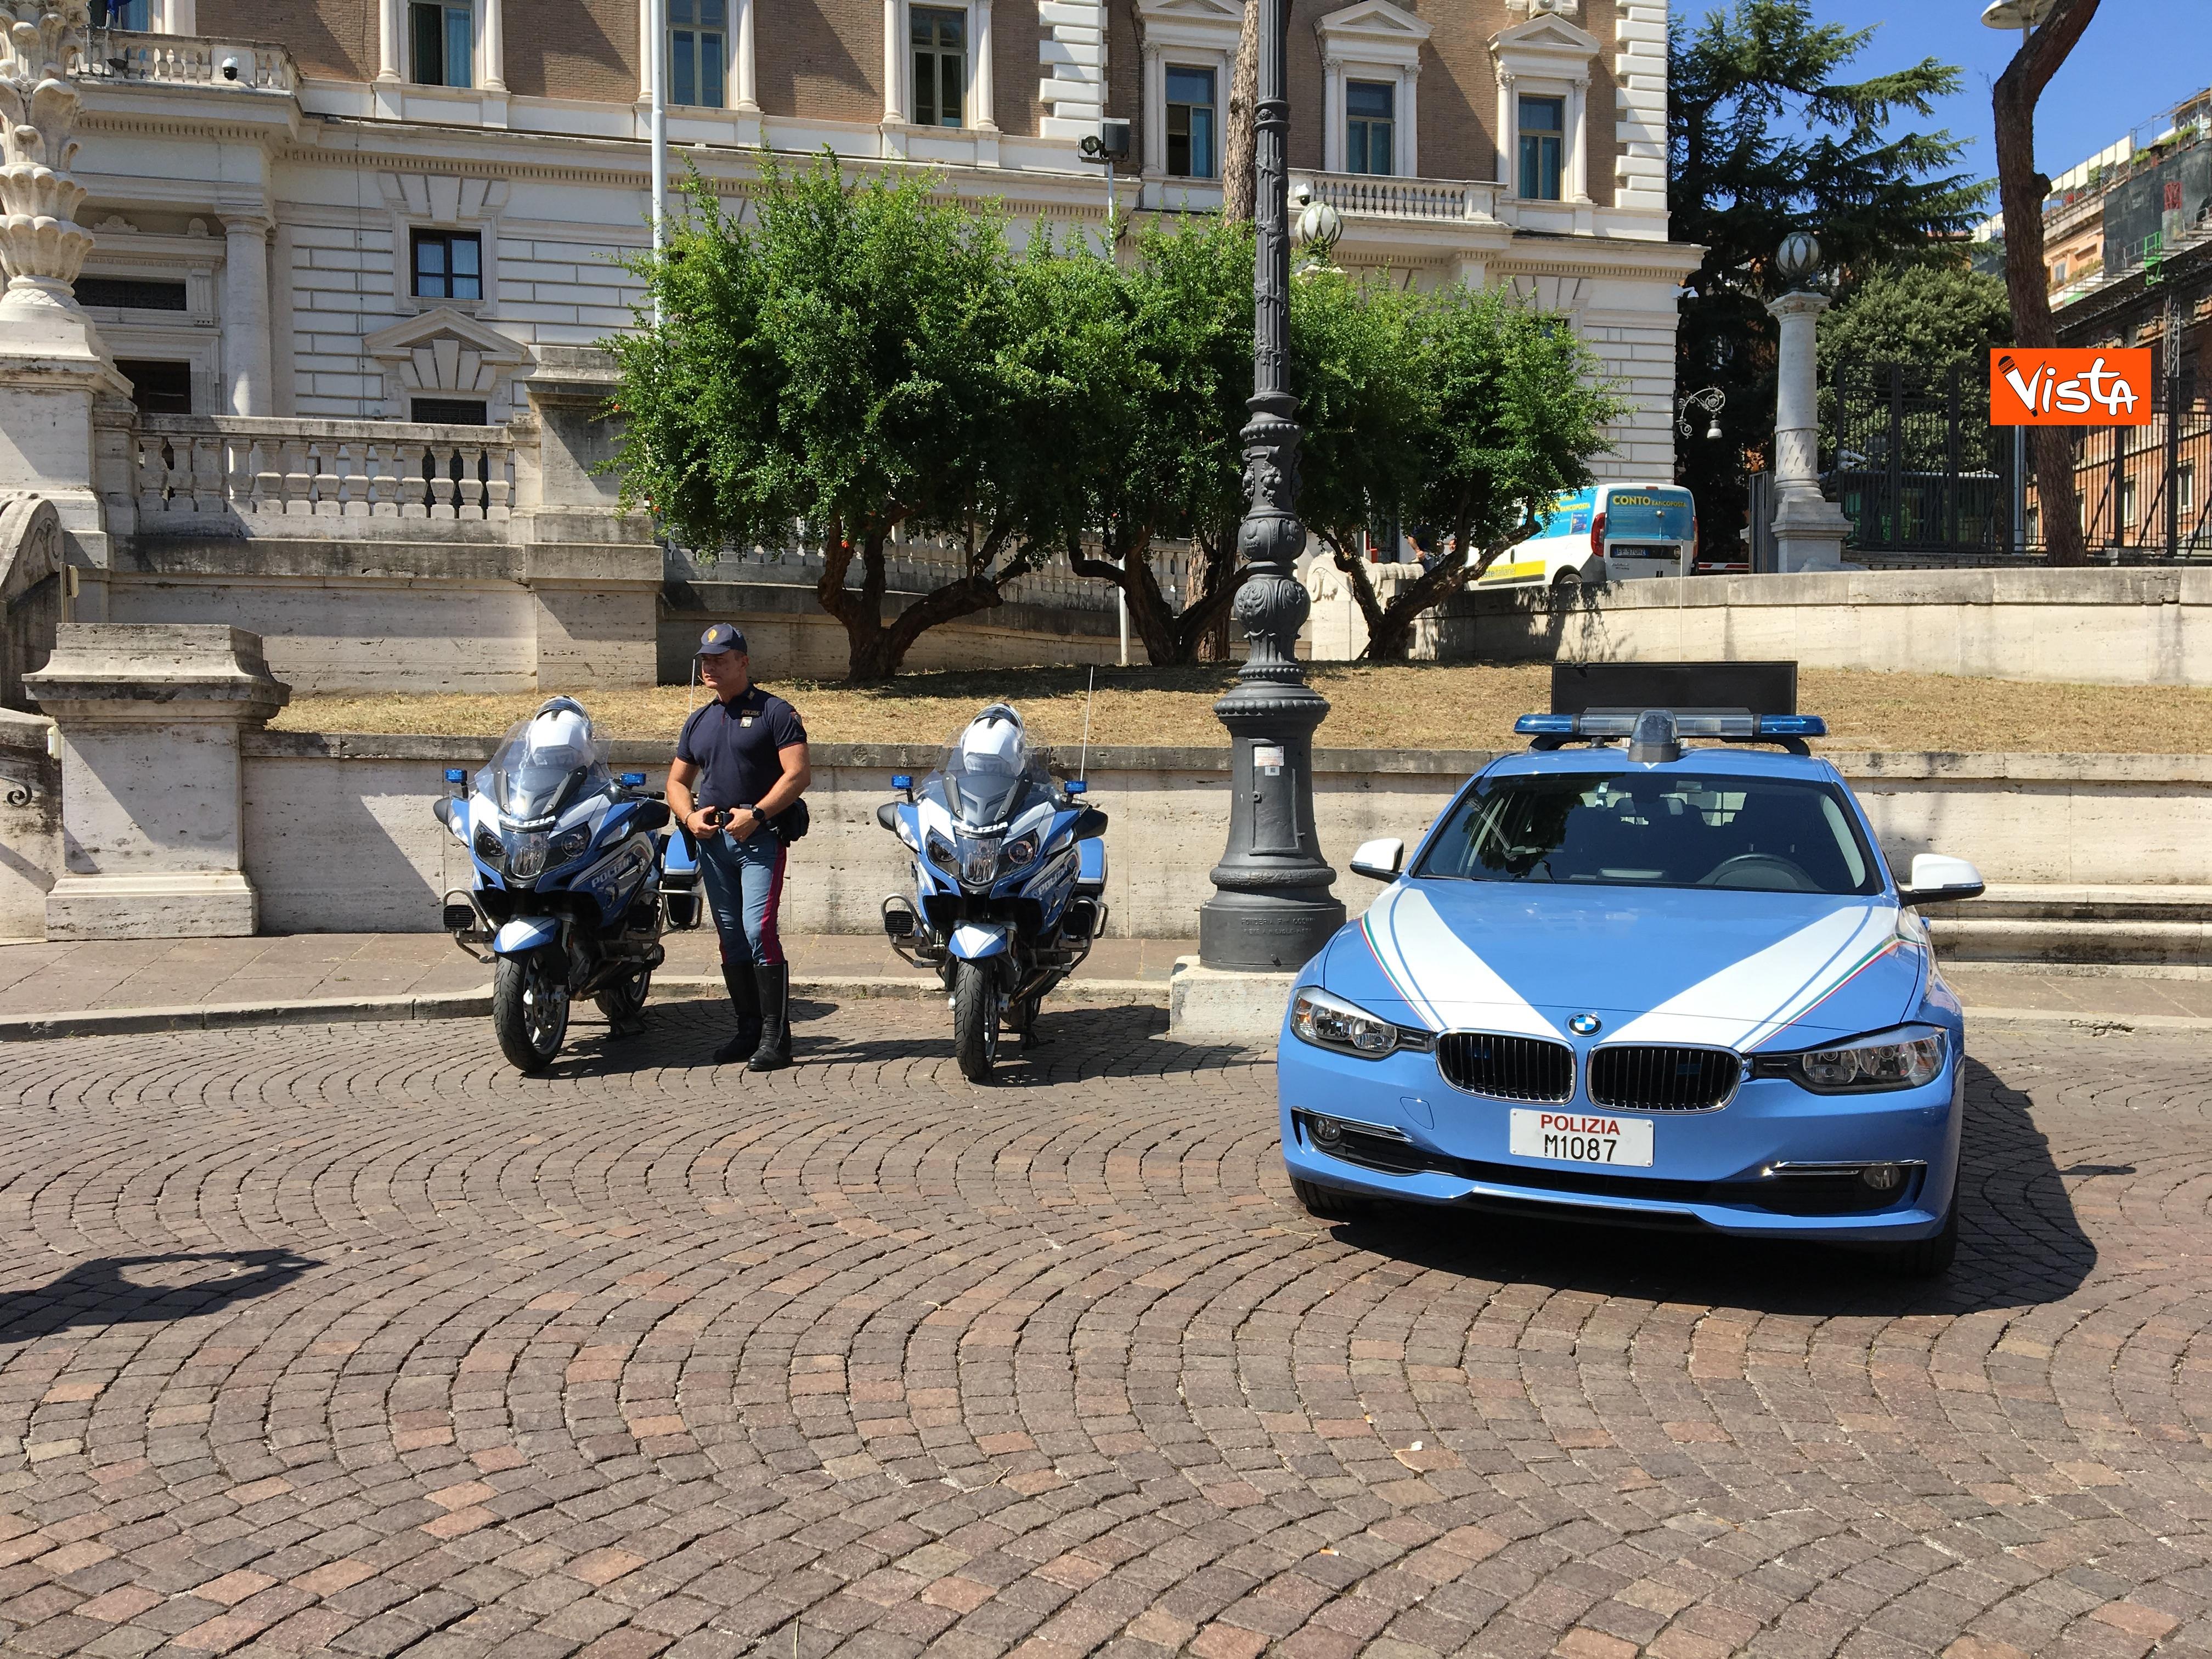 18-07-19 Viabilita Italia il piano di gestione per l esodo estivo presentato al Viminale immagini_03